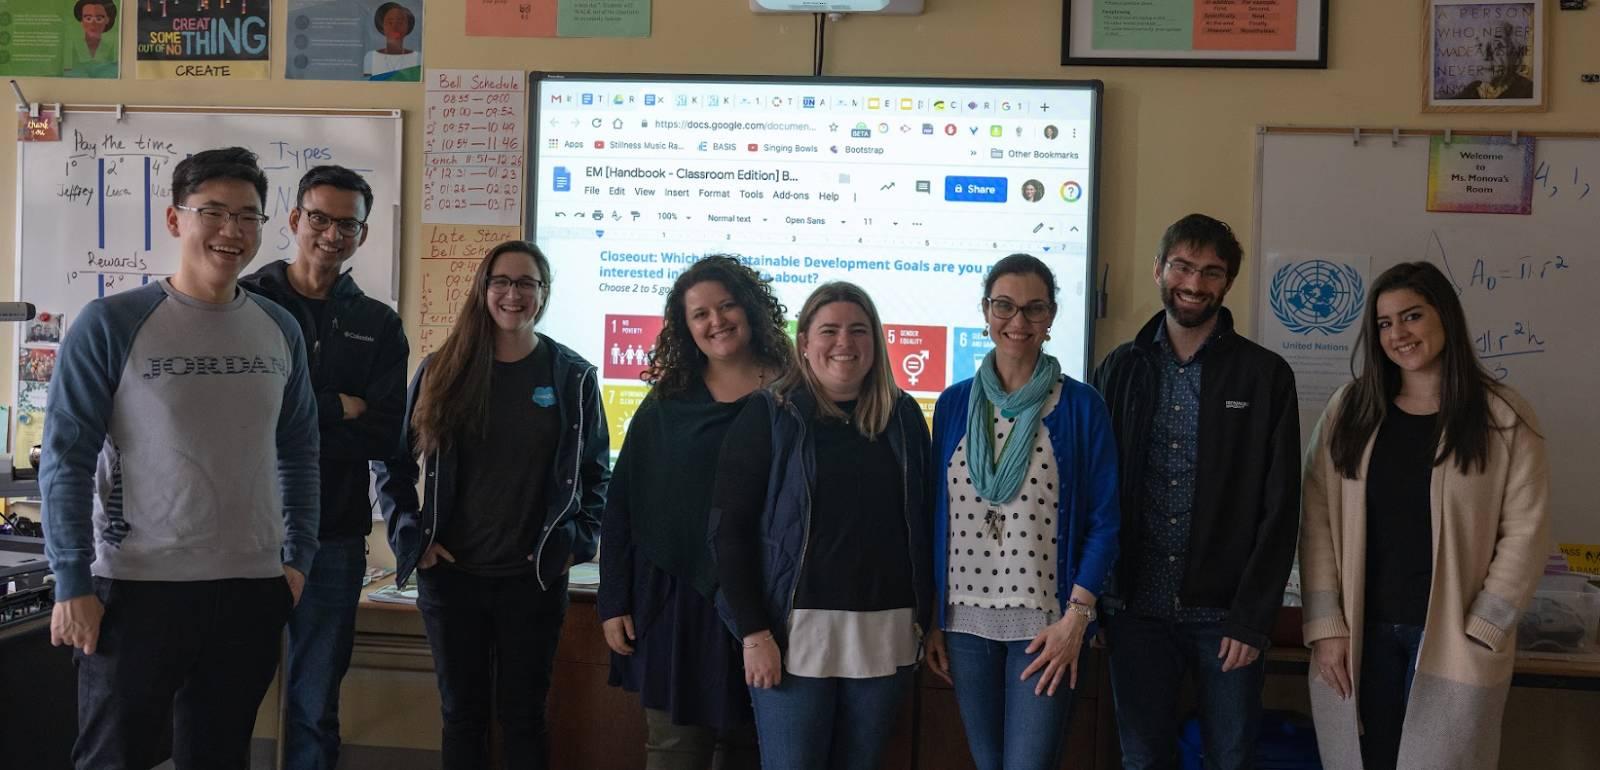 Einige besonders engagierte Freiwillige mit Frau Monova von der Francisco Middle School (SFUSD)